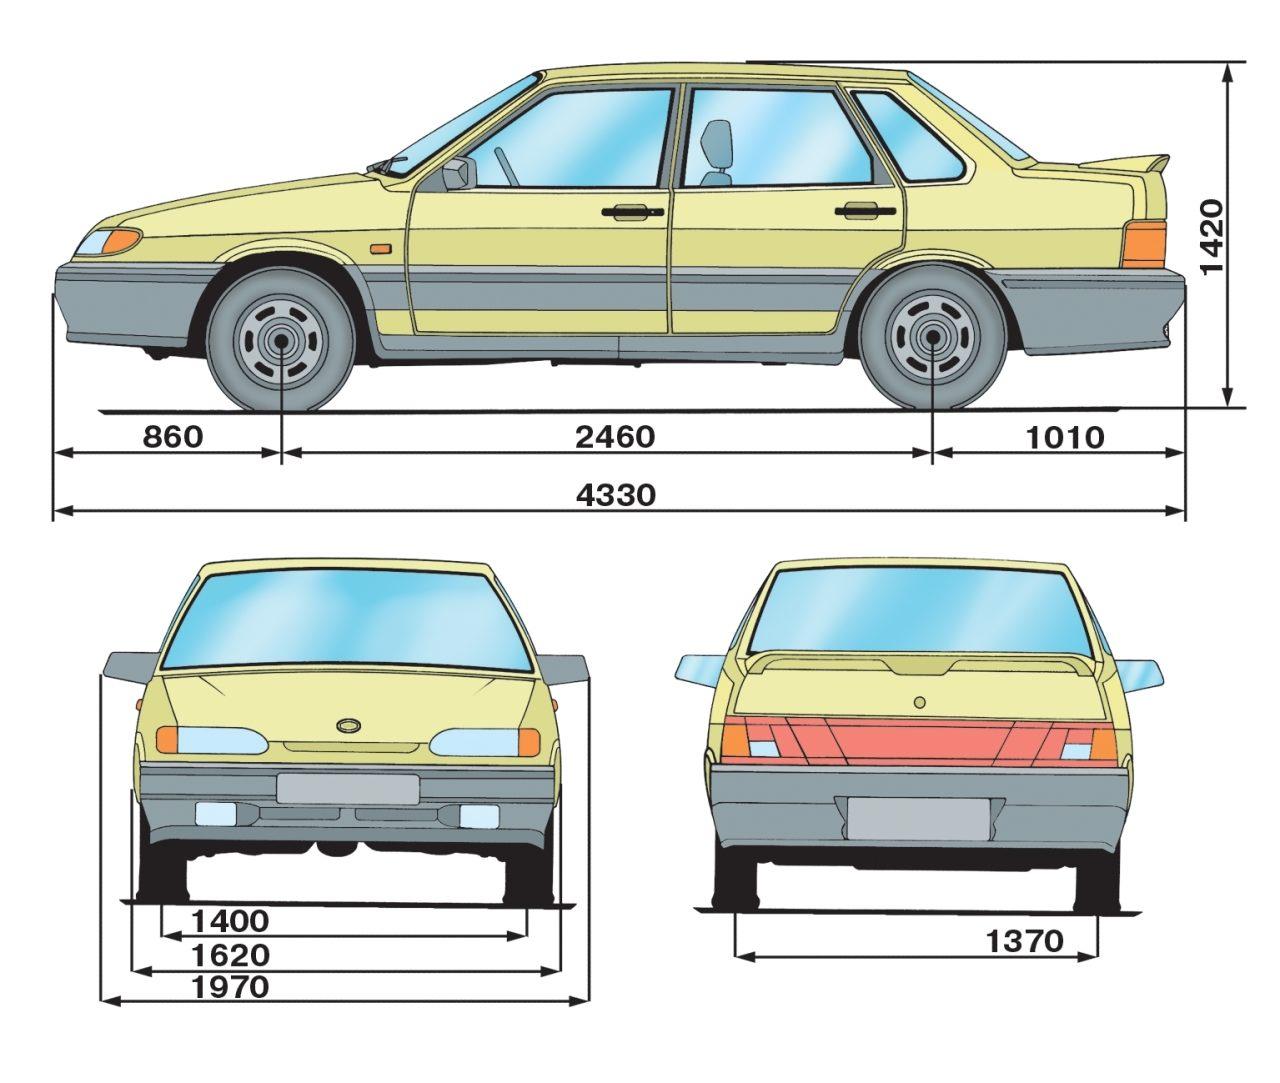 Технические характеристики автомобилей, справочник по ...